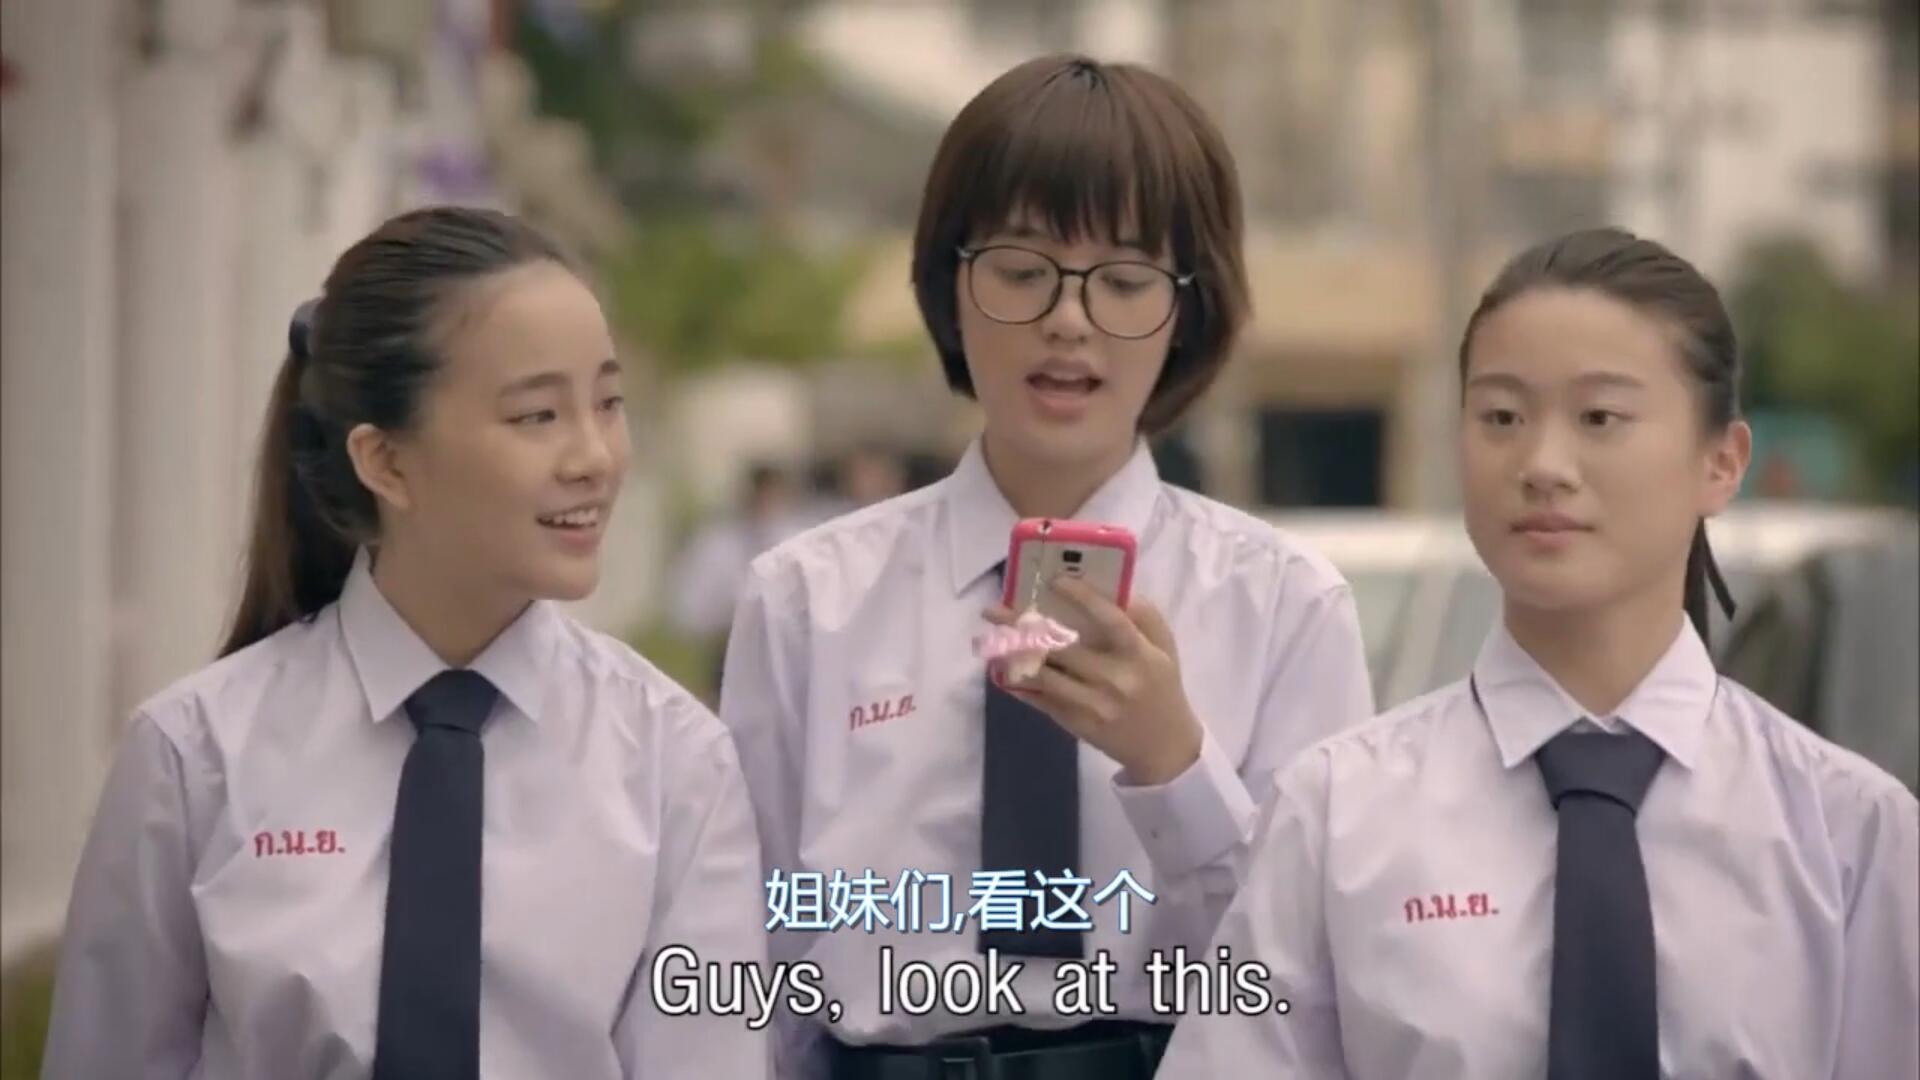 泰国卡尼尔微电影广告《活在朋友圈还是活在当下》